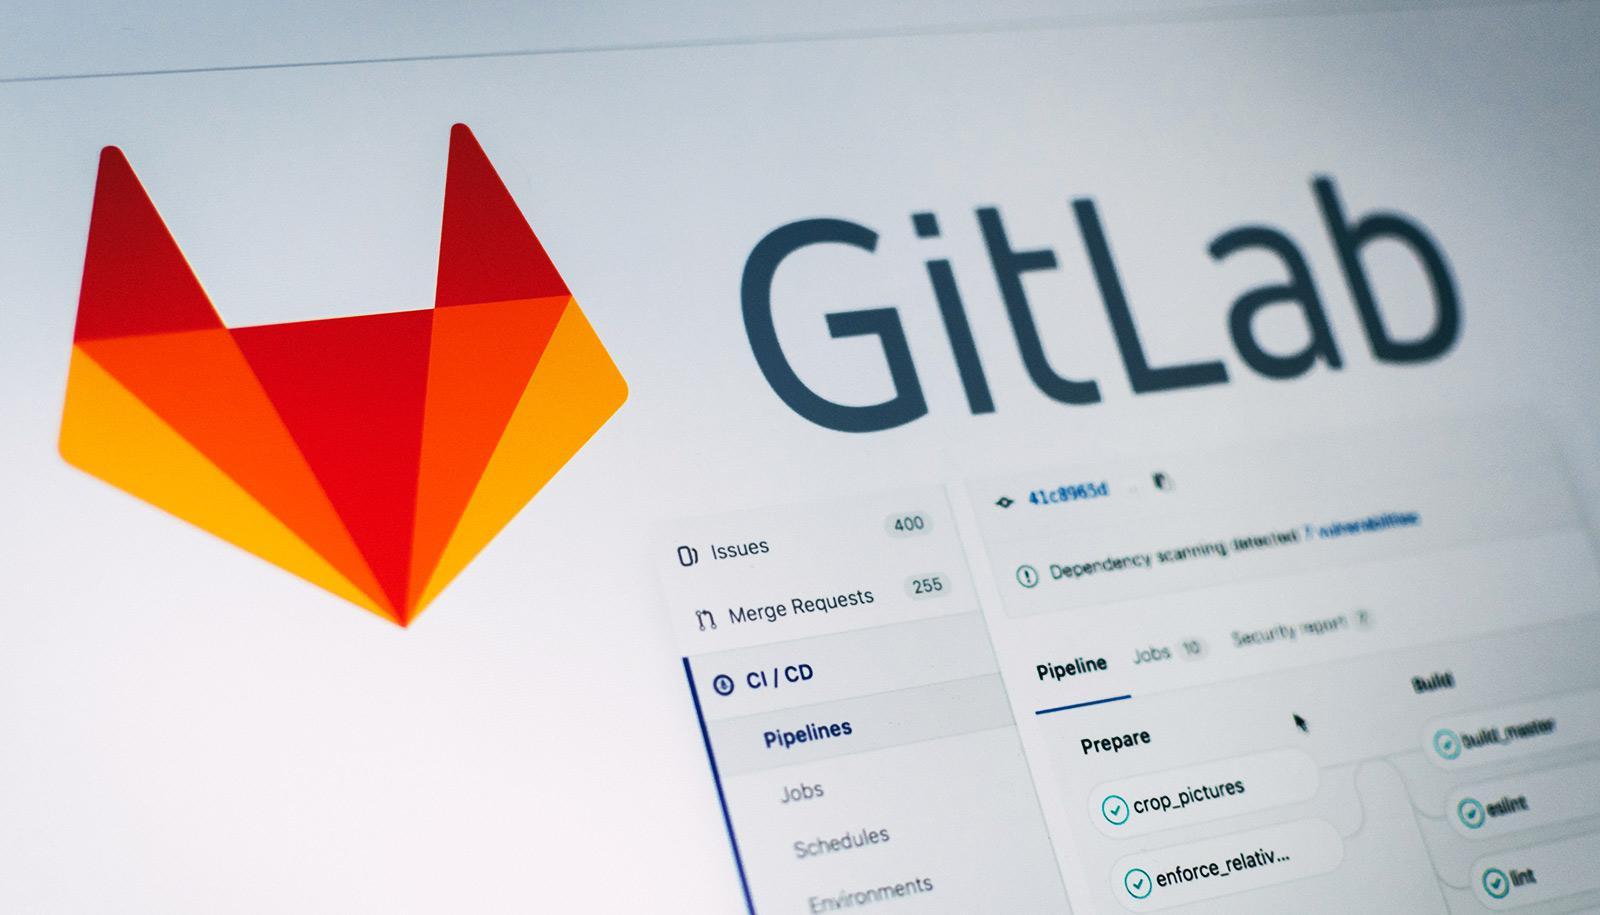 GitLab on screen with fox head logo